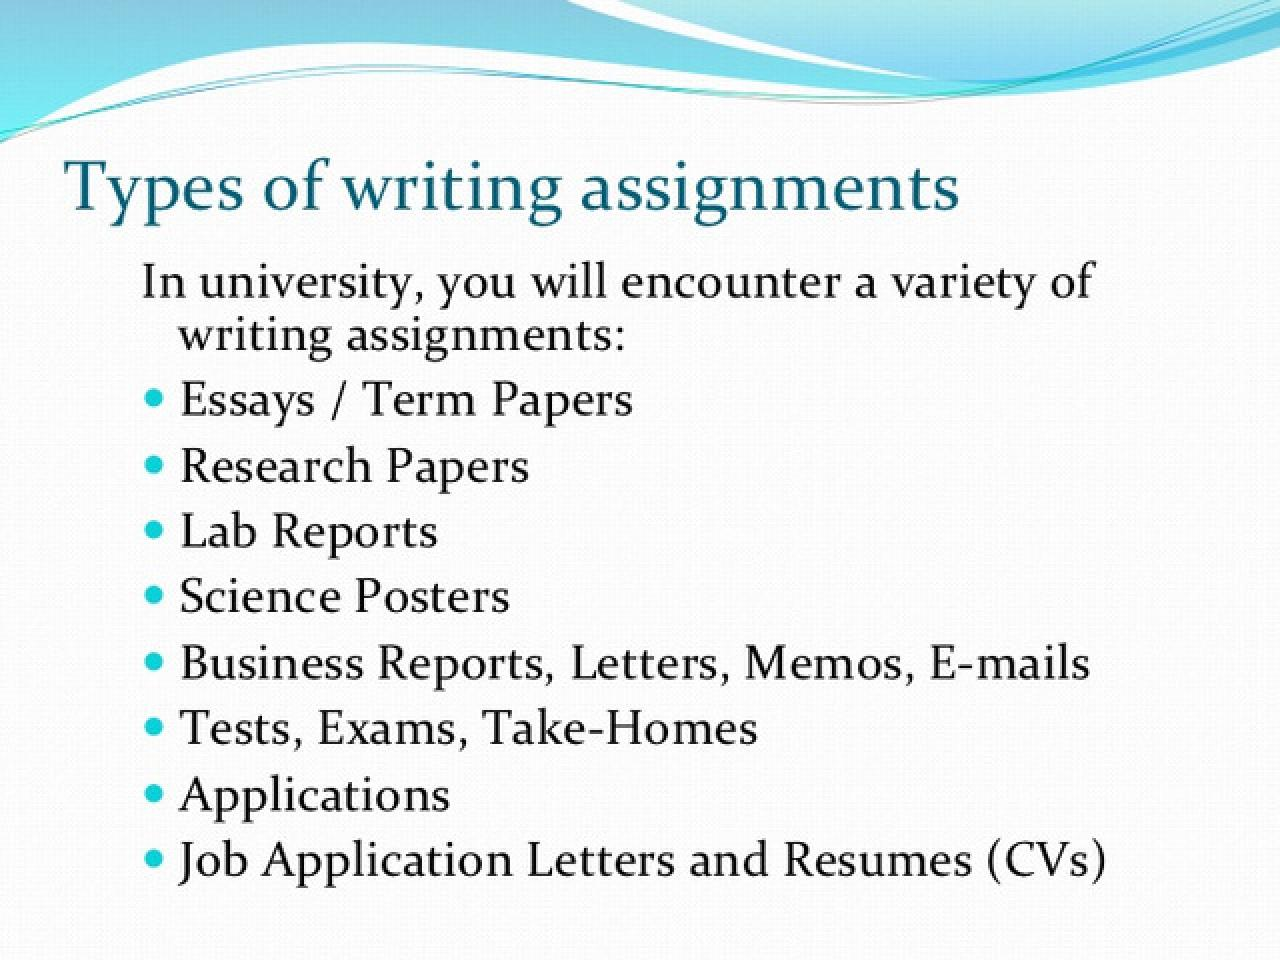 Помощь в сдаче  экзаменов в унивеситете или колледже - 1